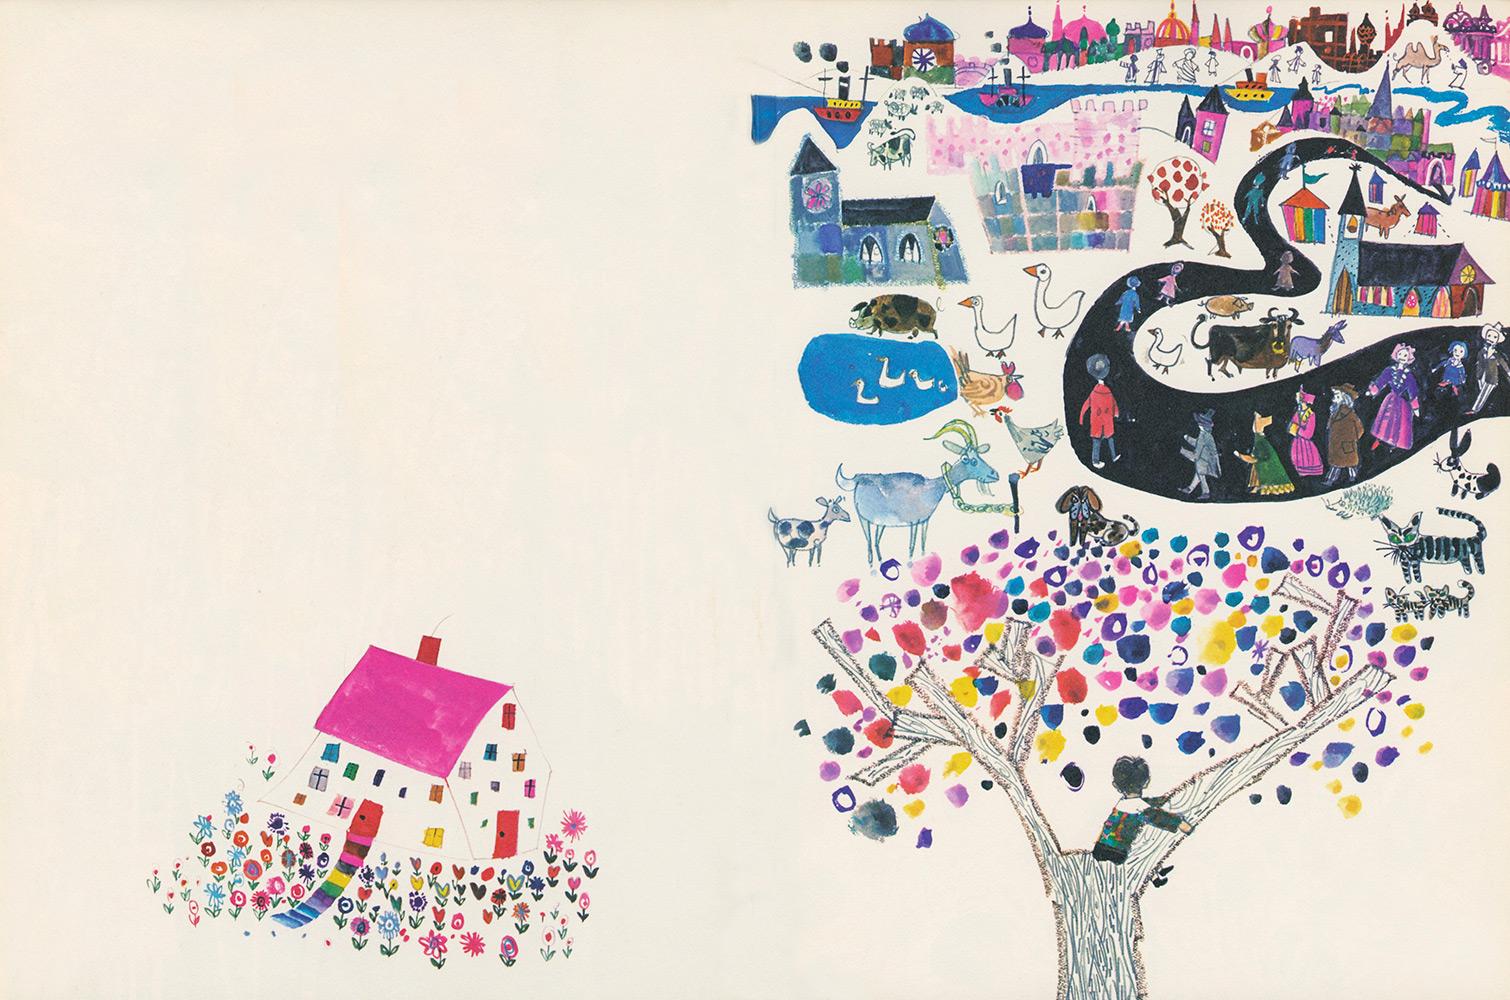 Robert-Louis-Stevenson-a-childs-garden-of-verses-Foreign-Lands-Brian-Wildsmith.jpg